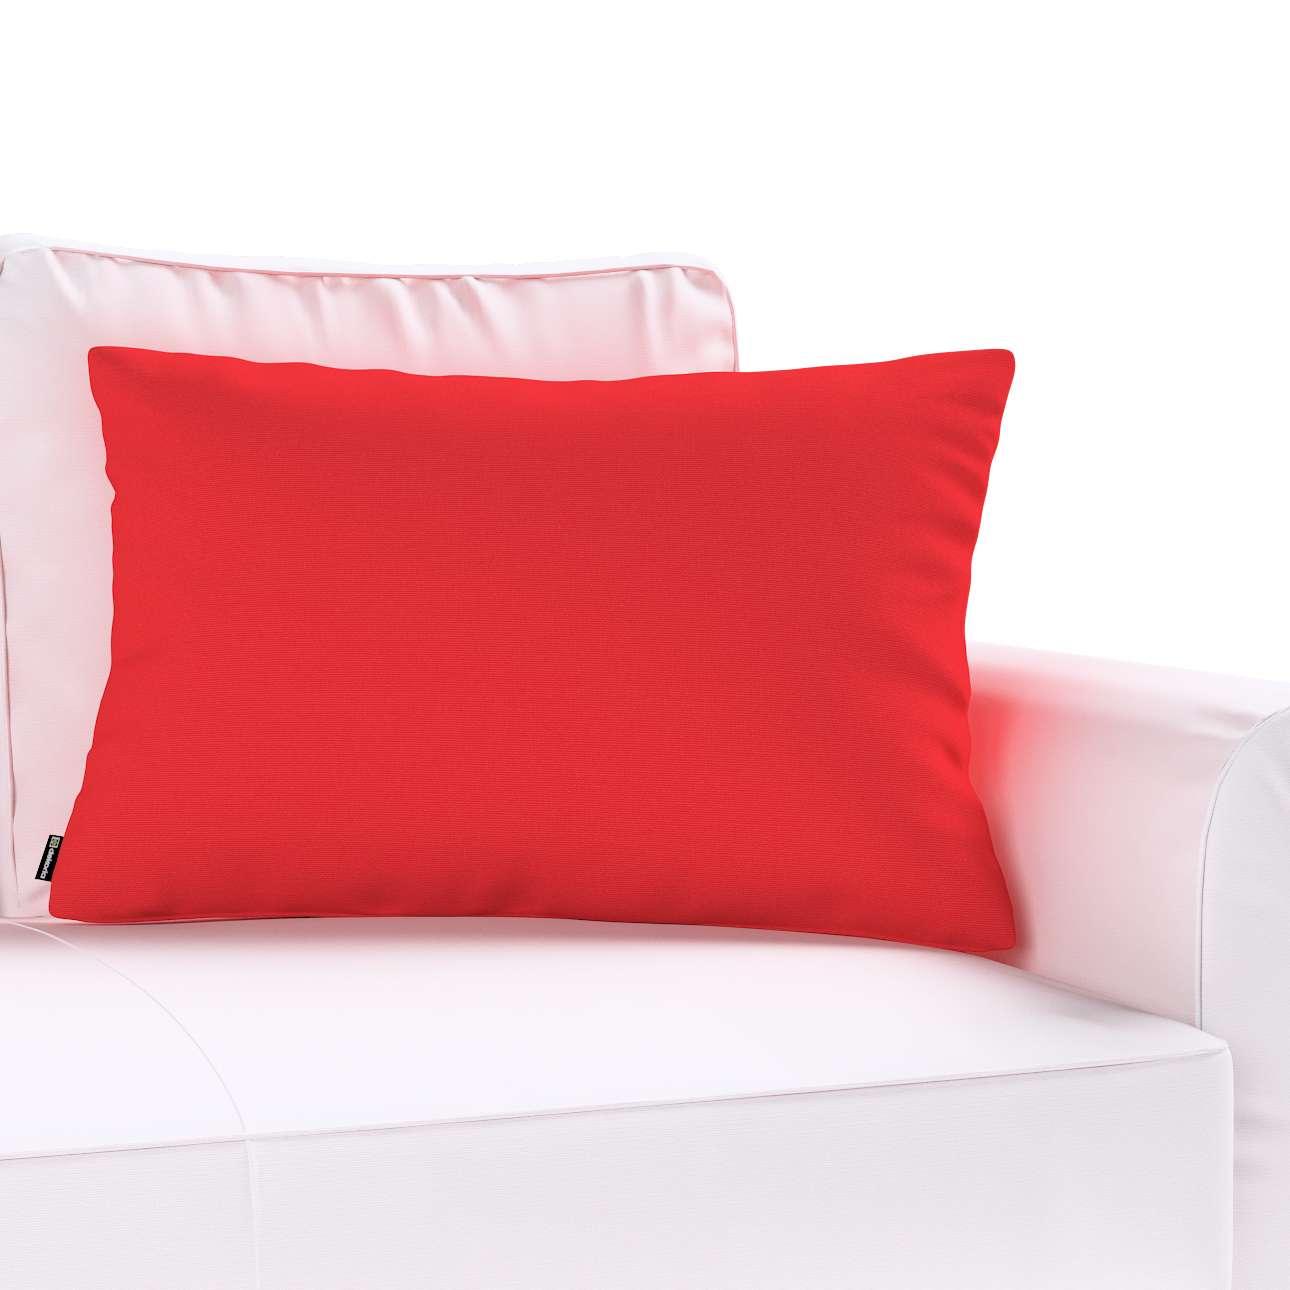 Poszewka Kinga na poduszkę prostokątną w kolekcji Loneta, tkanina: 133-43